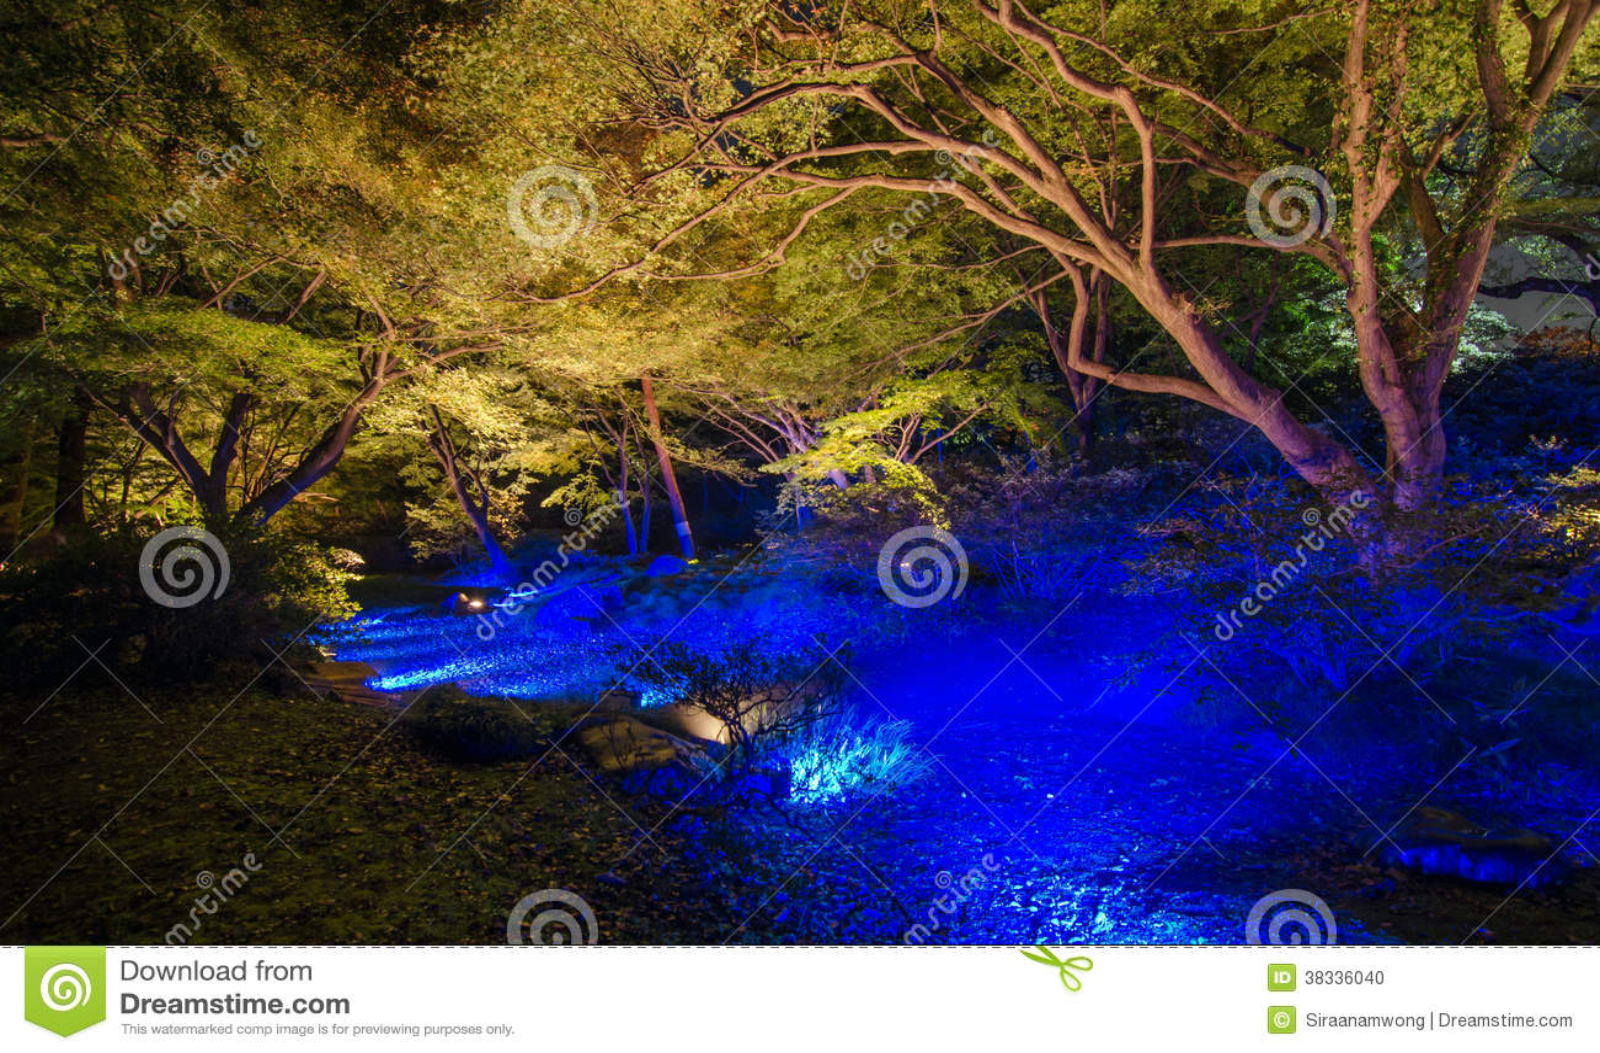 Seizoengebonden verlichting bij Rikugien-Tuin, Tokyo, Japan